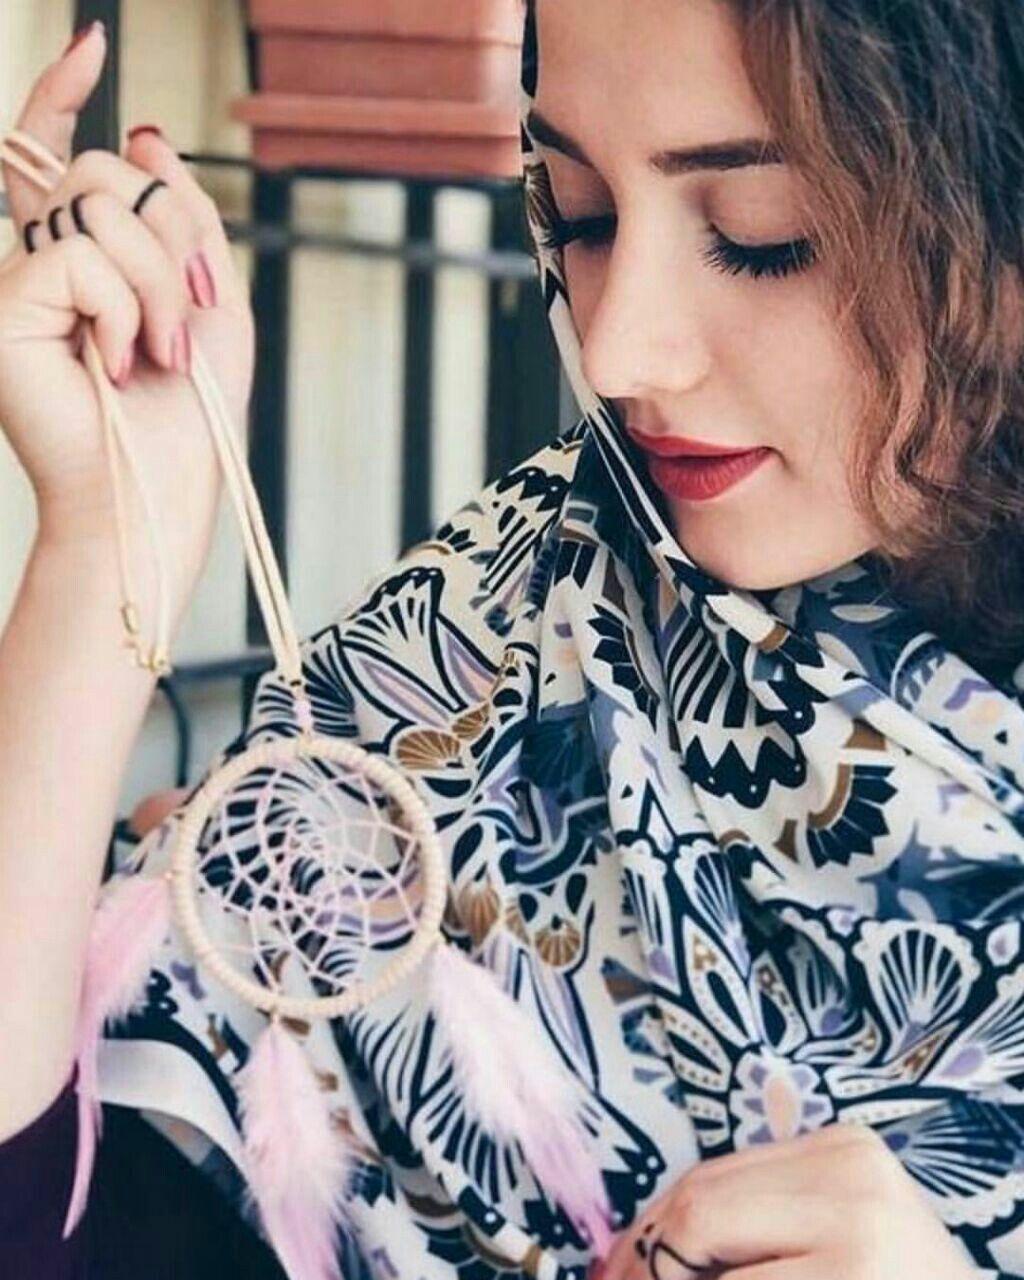 جنك من اسنين مـا عابر رمش عيني ابـ مـنأم وانته البارحه وكل بارحه أول طيف إلـي لـ ريسآن الخز Iranian Girl Persian Girls Stylish Girl Images